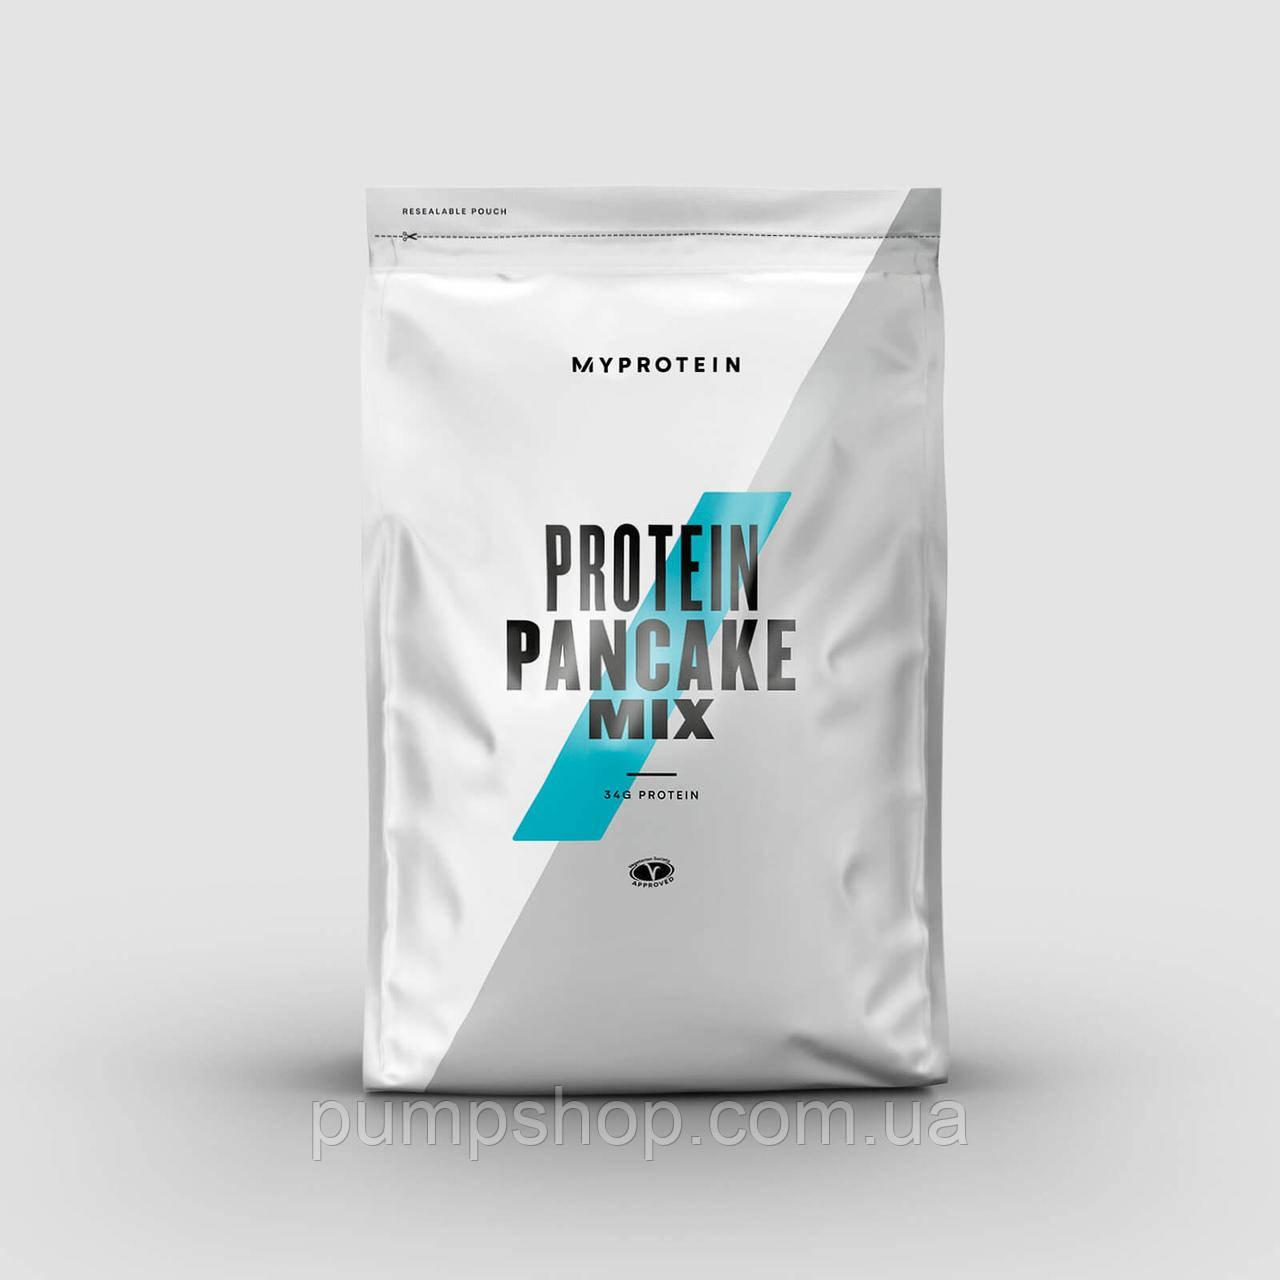 Протеиновые блины (смесь) MyProtein Pancake mix 500 г ( со вкусом )